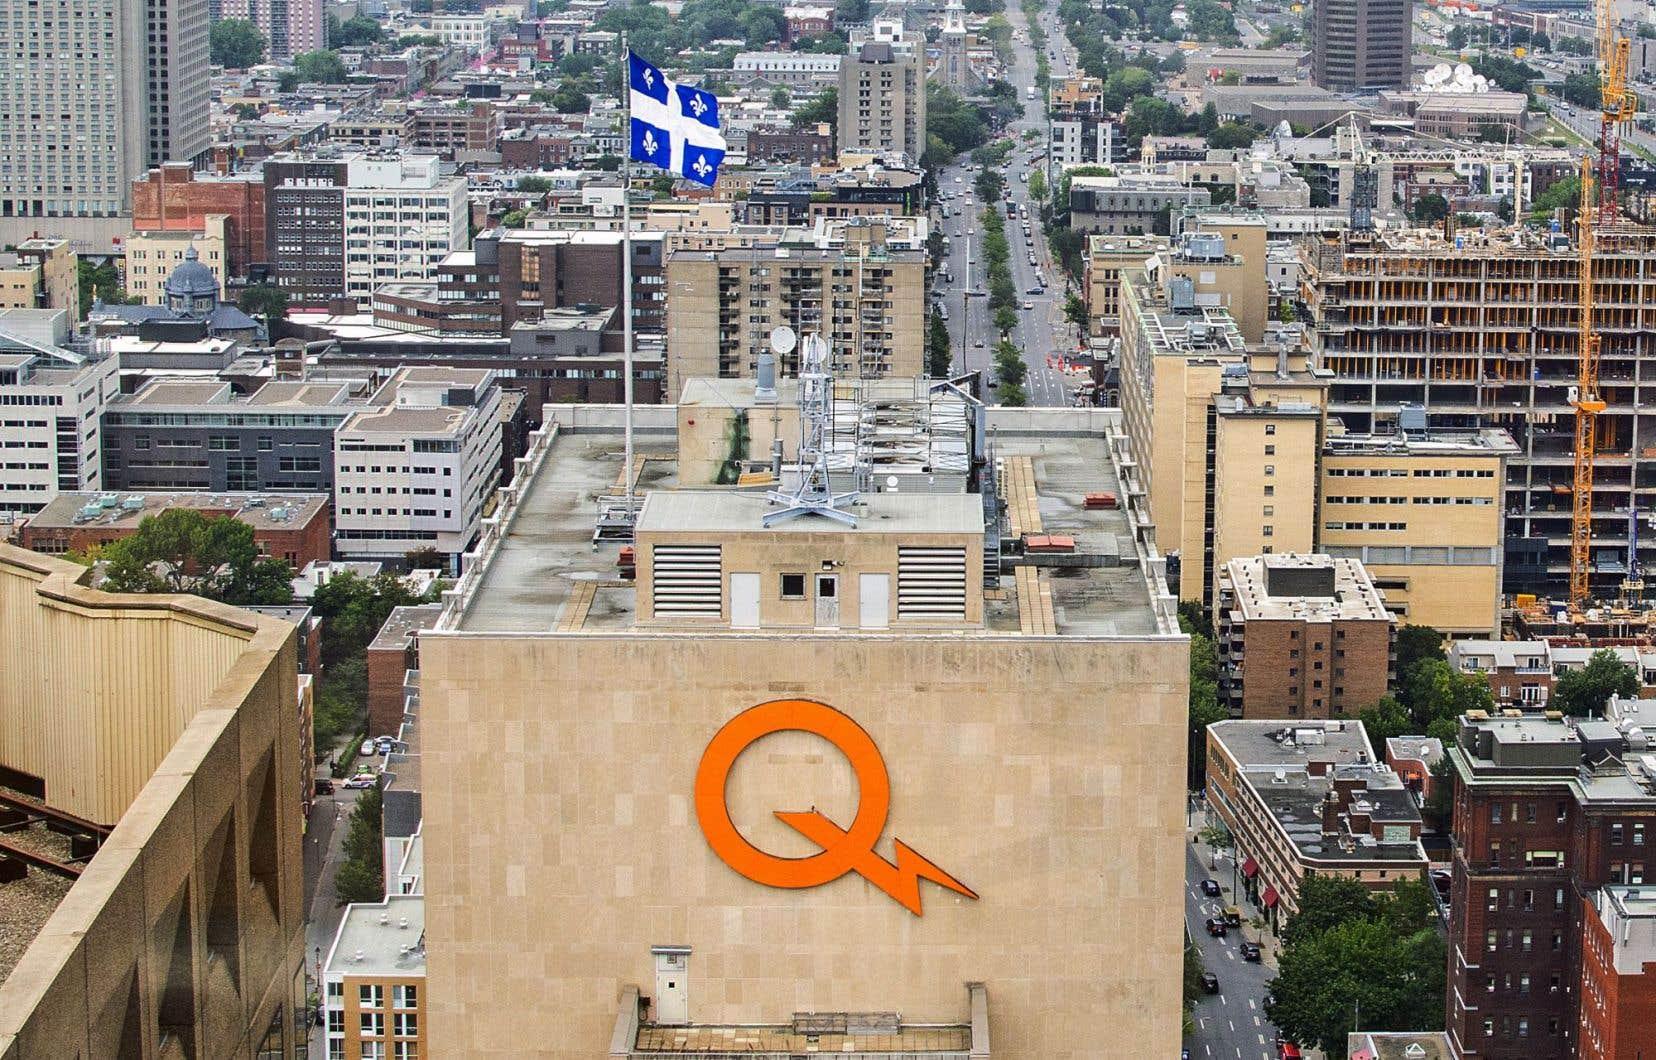 À 0,7%, Hydro-Québec a obtenu une augmentation plus de deux fois inférieure à celle qu'elle avait réclamée.